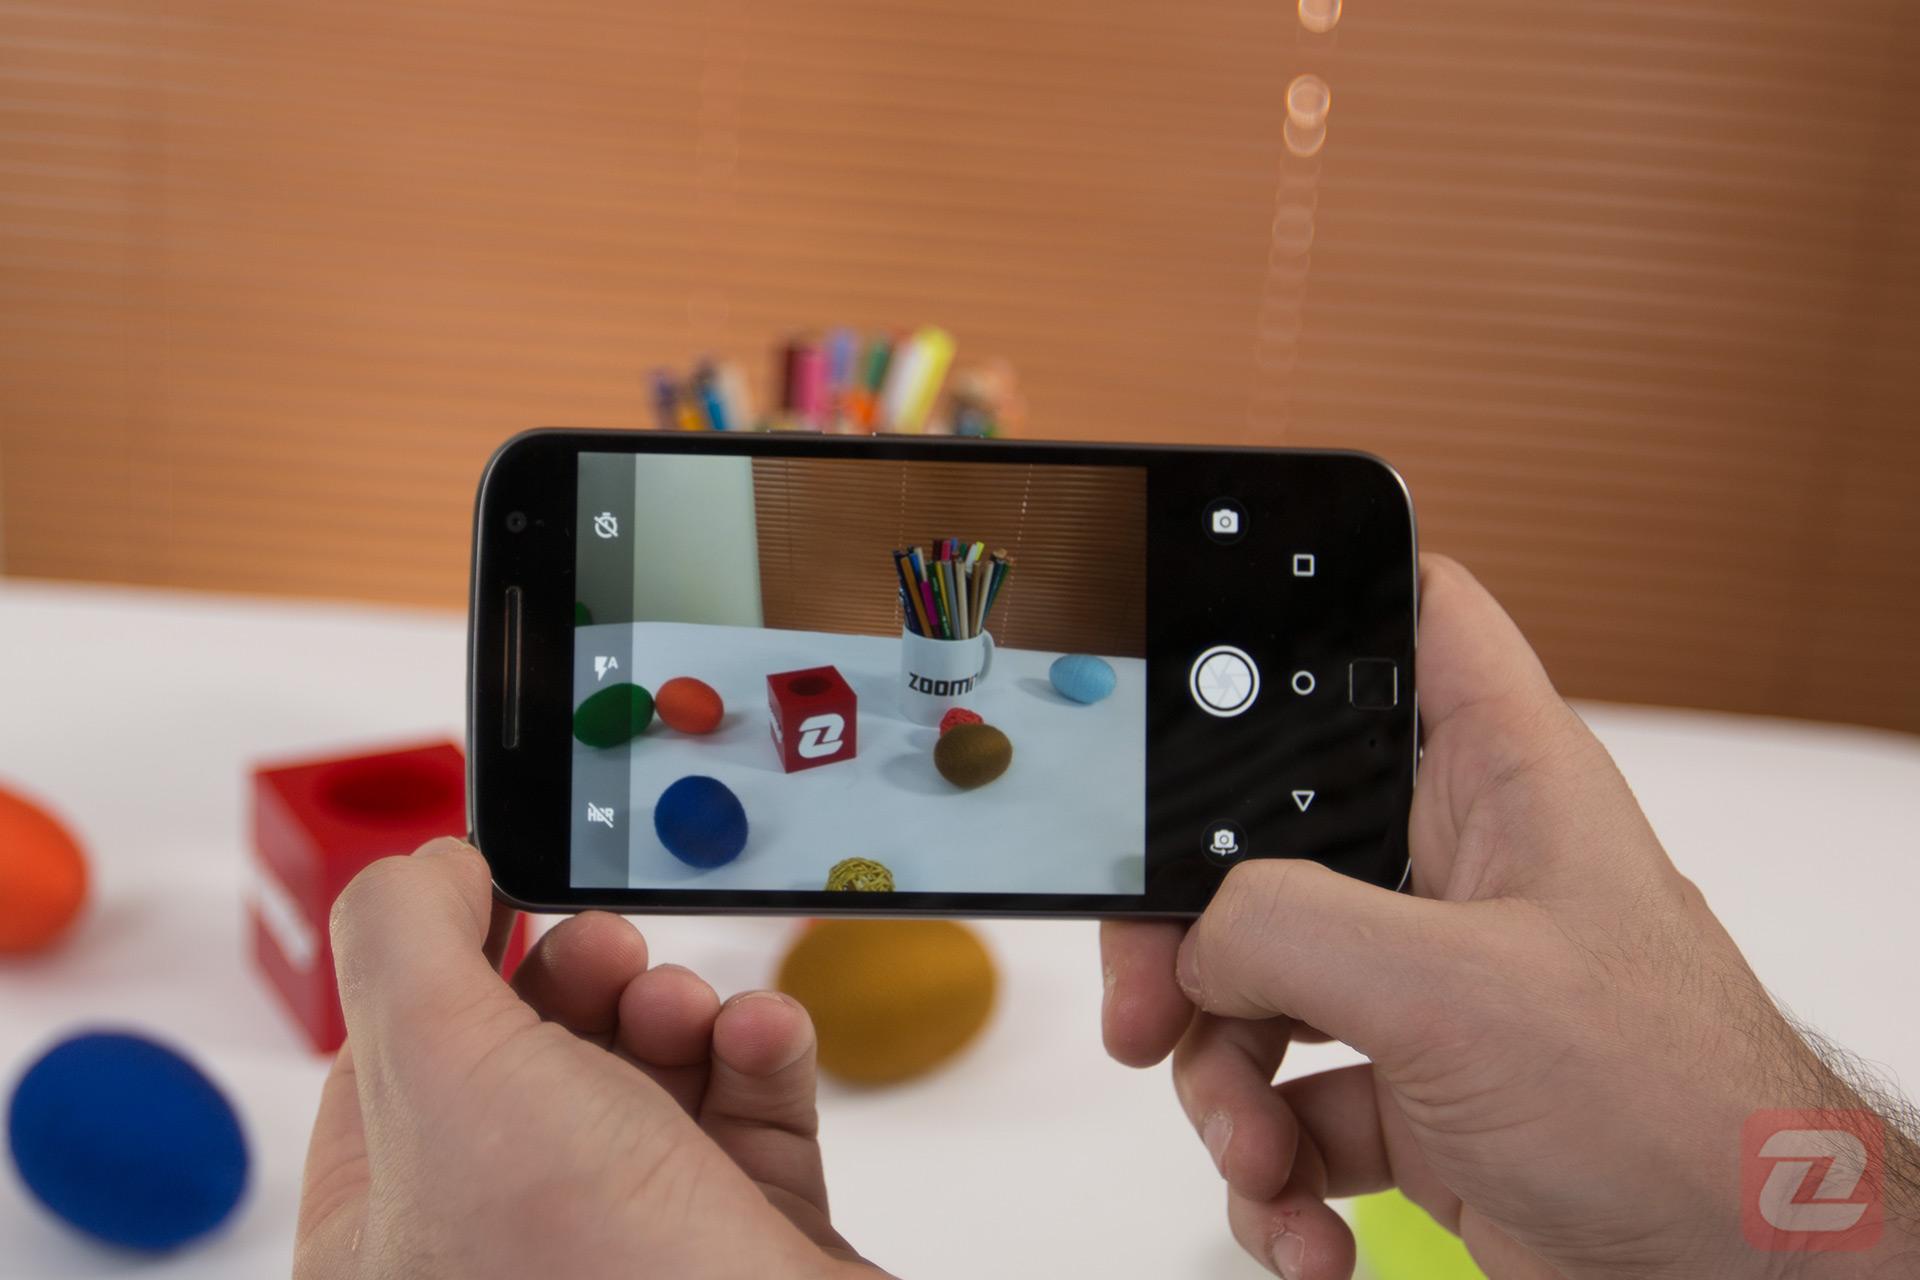 Moto G4 Plus - Camera